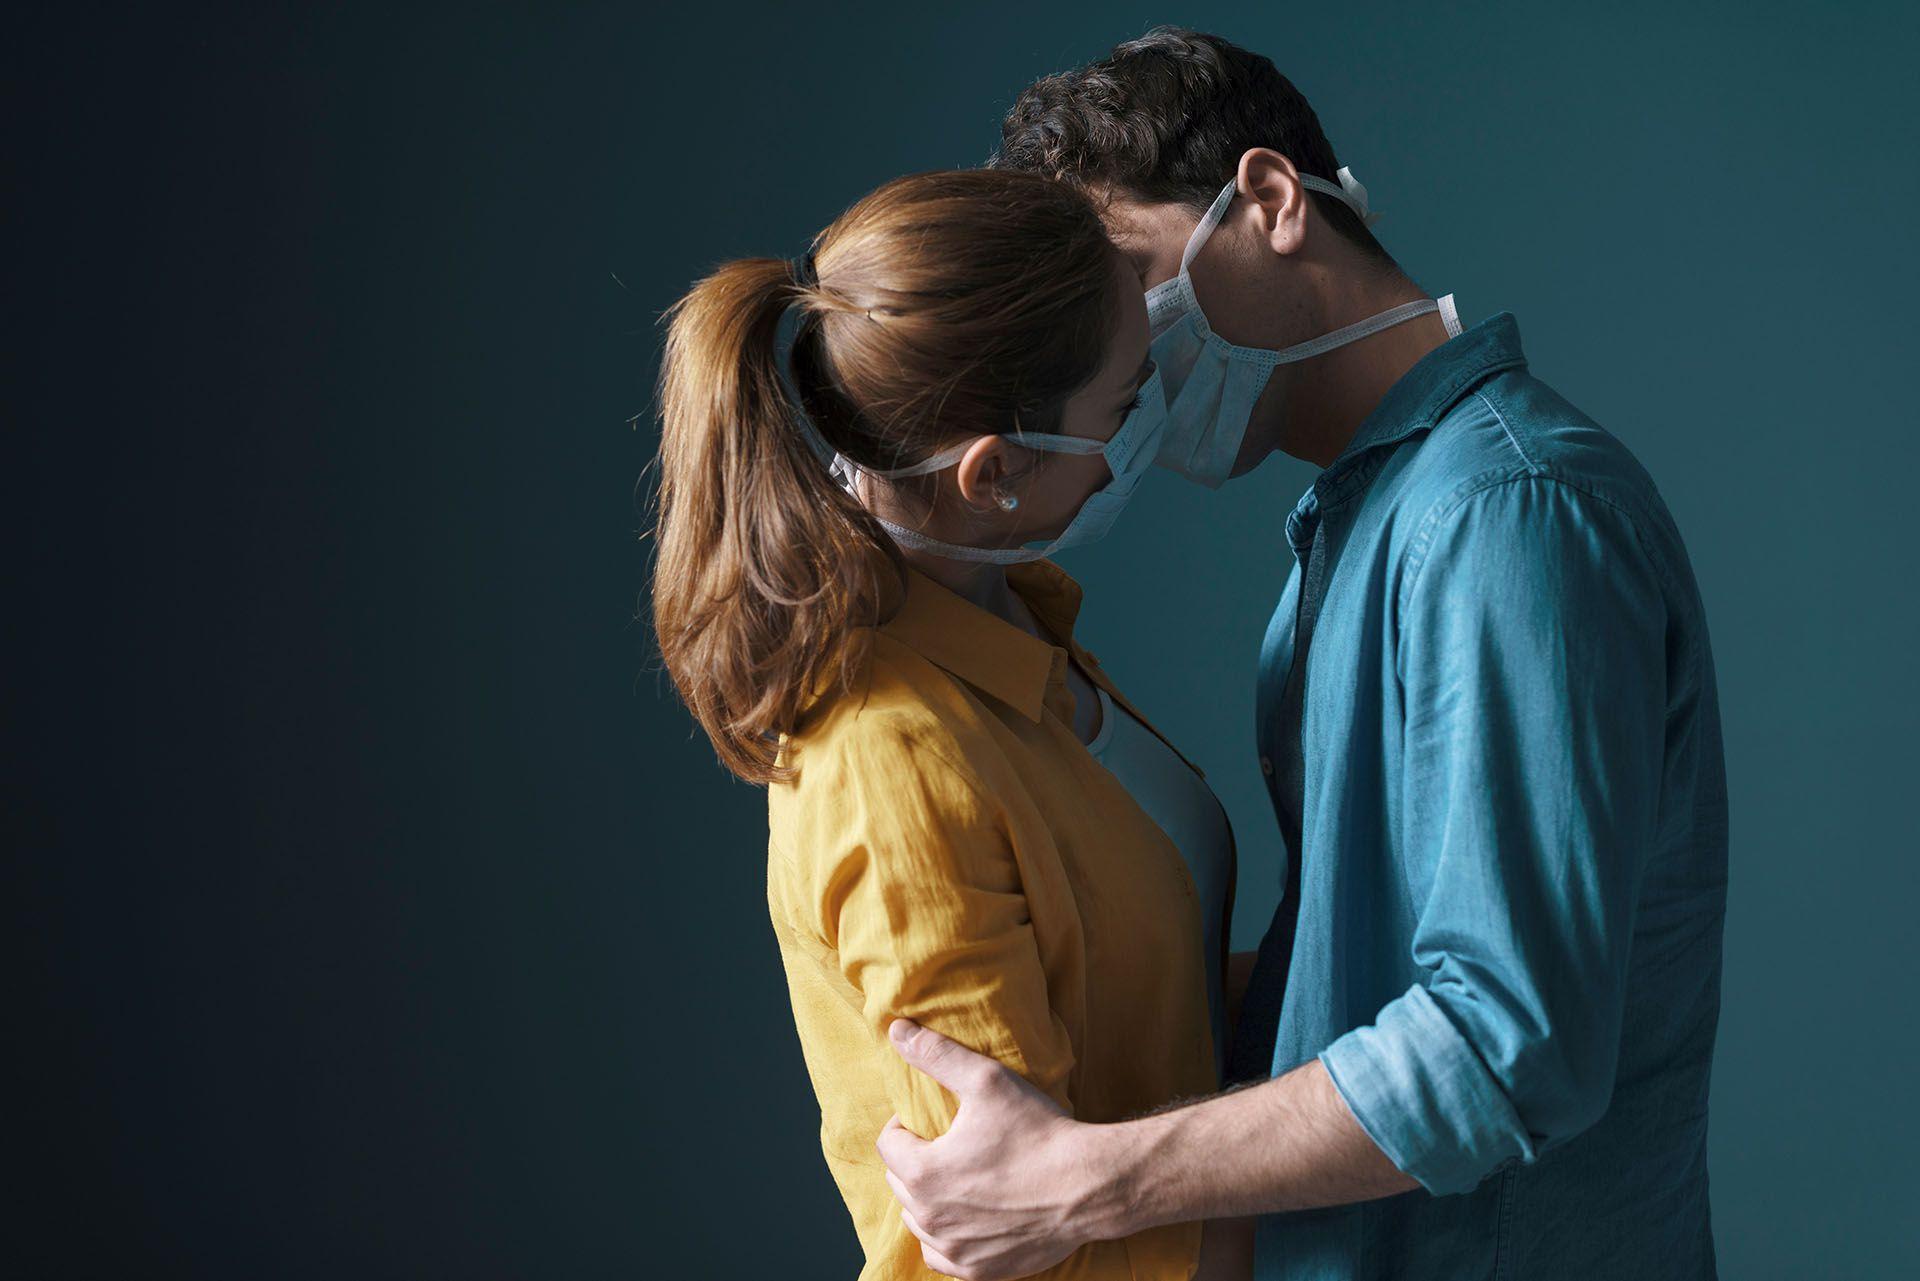 Las citas durante la primera etapa de la pandemia fueron 100% digitales mediante videollamadas (Shutterstock)